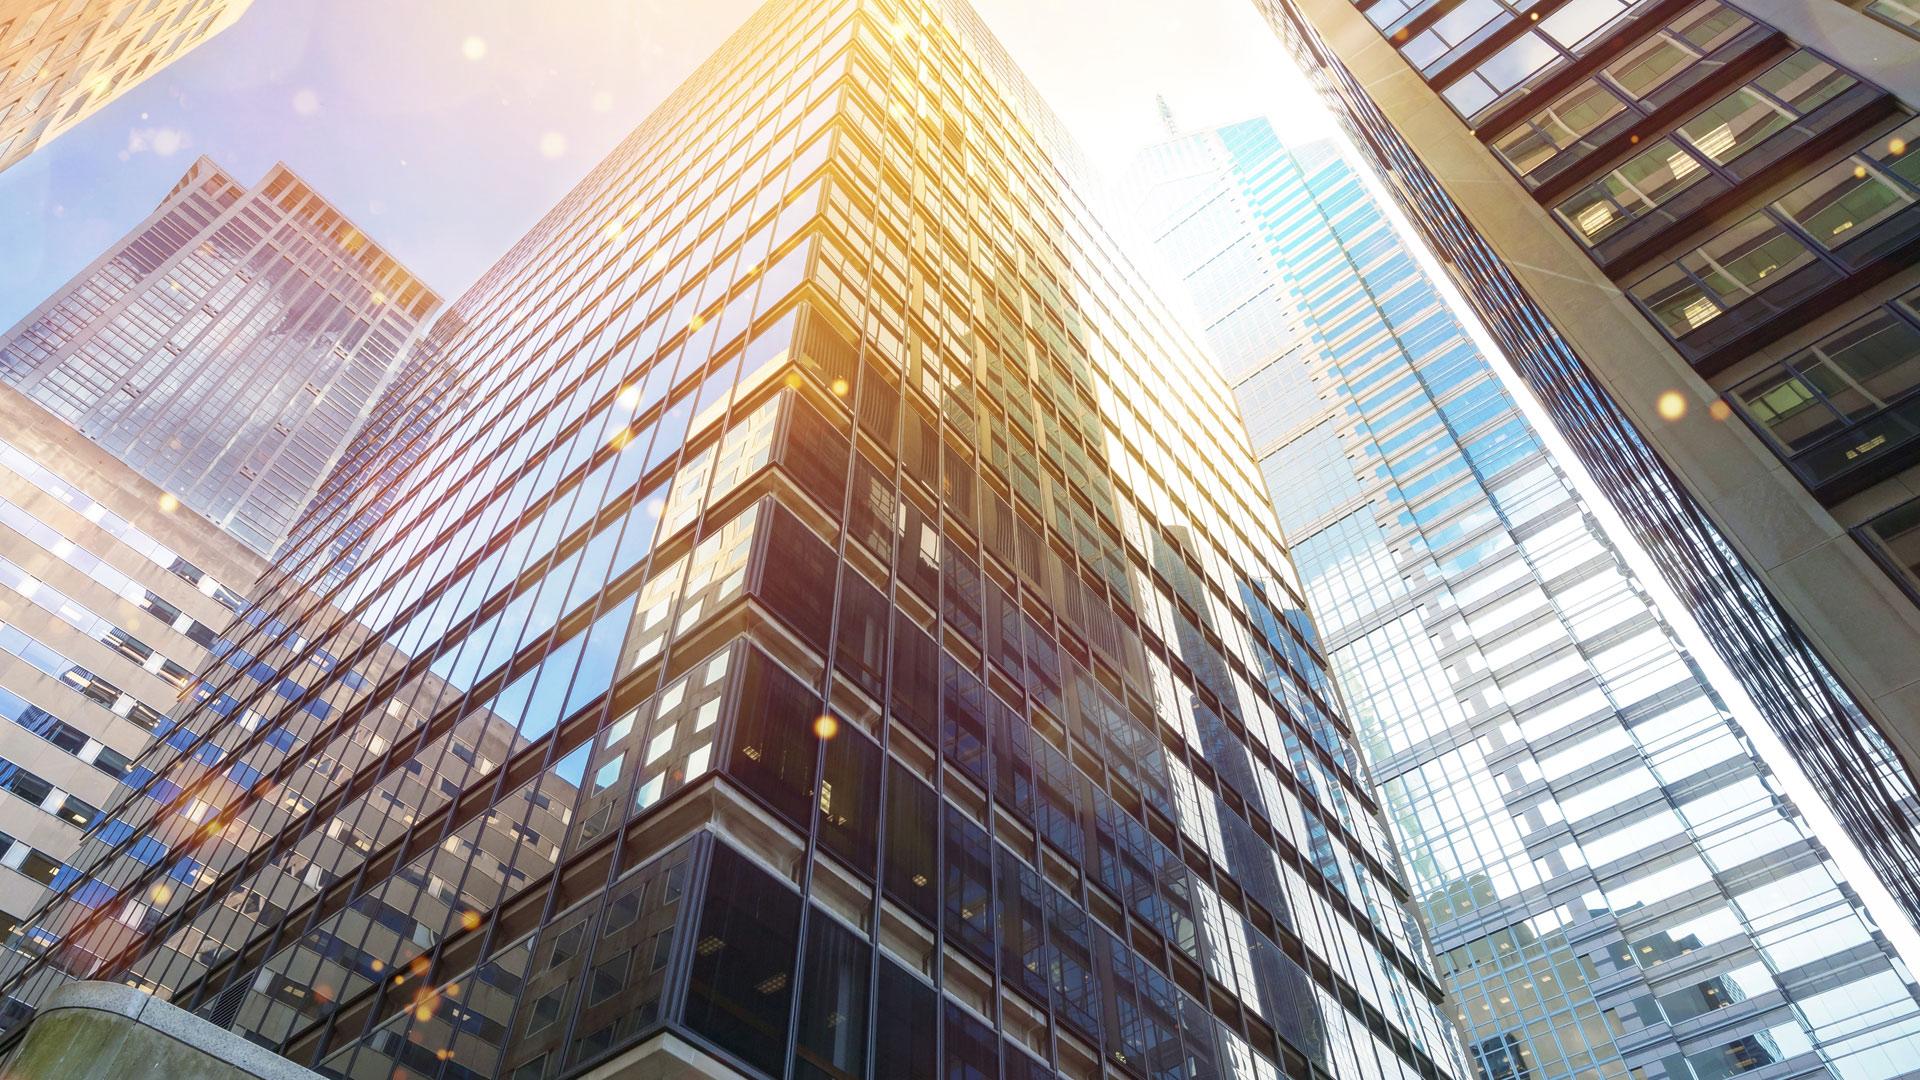 buildings looking up